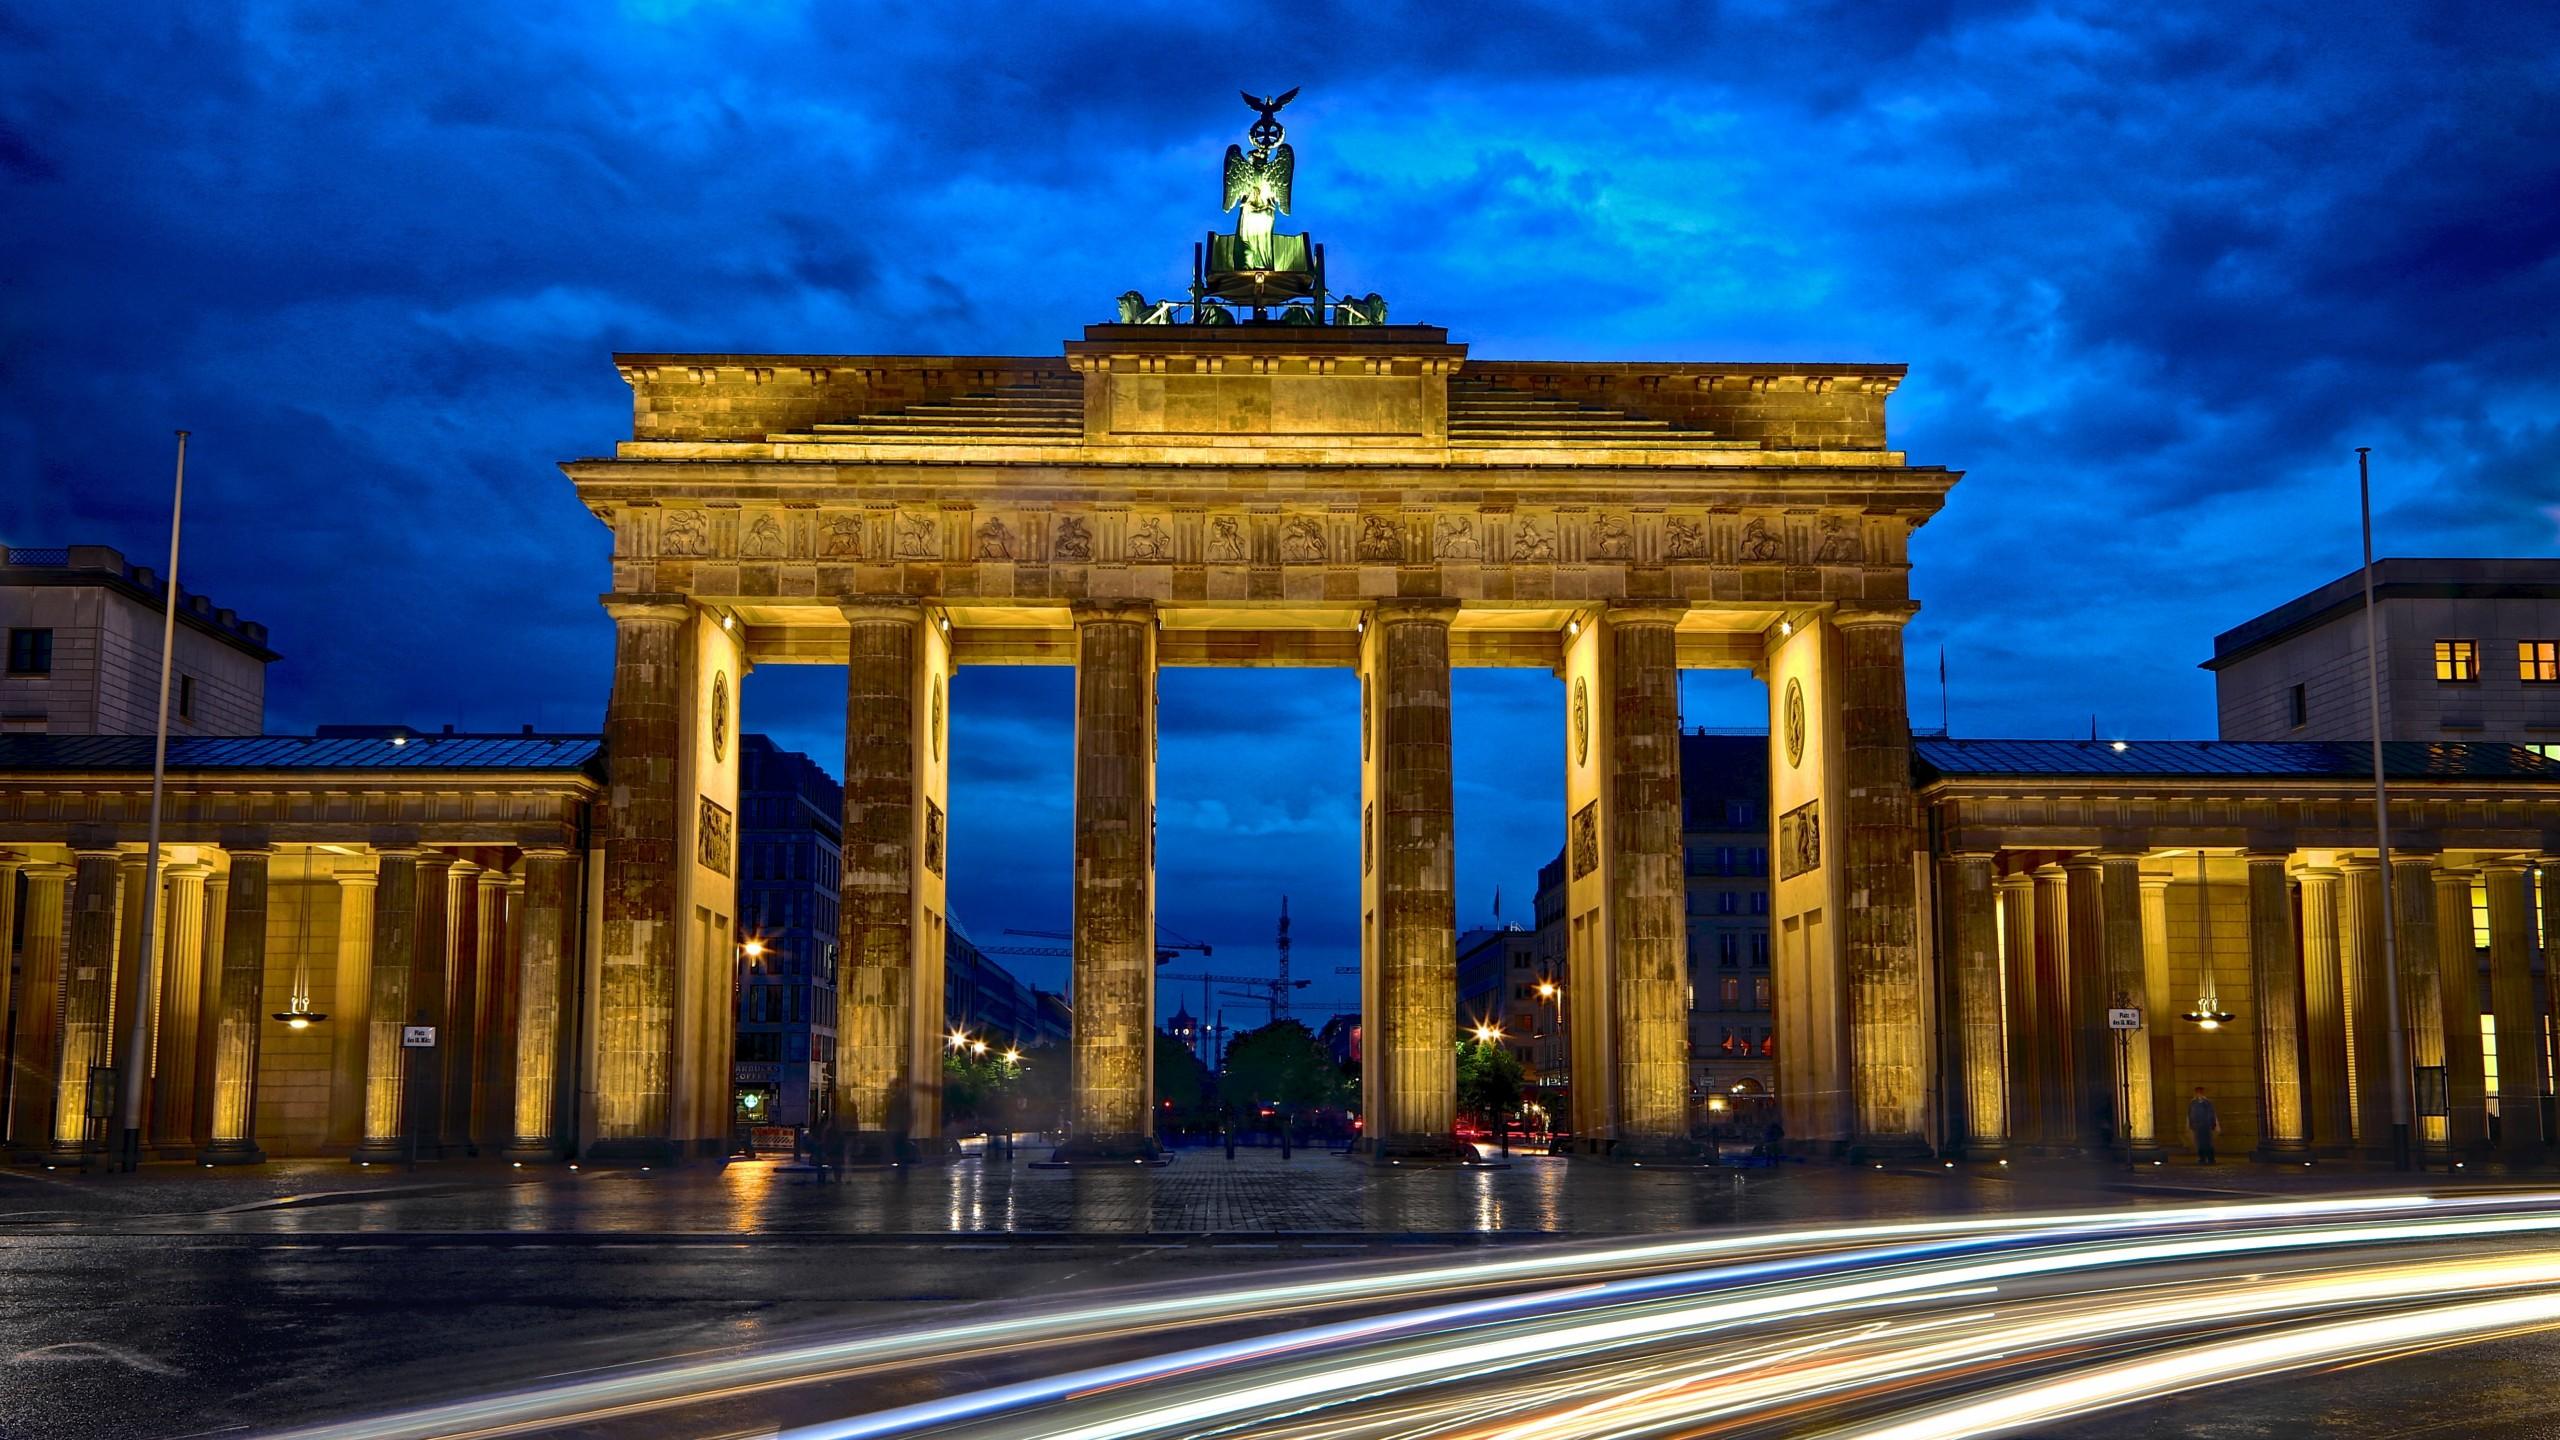 brandenburg gate 25601440 berlin germany 5k 2887 Pharma 2560x1440